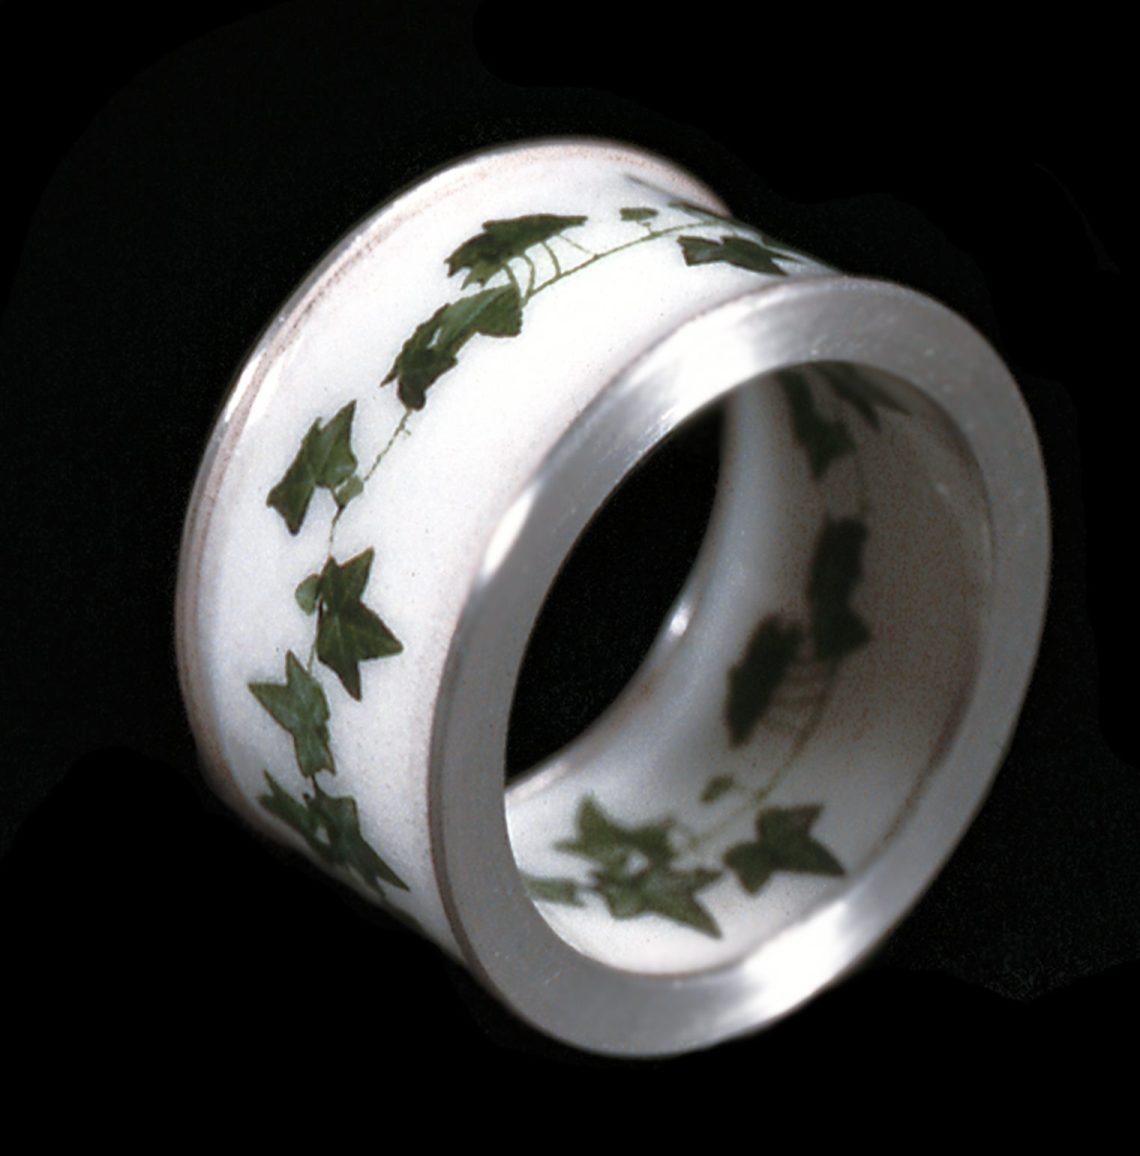 Susanne Klemm, Ivy, ring, 2003. Foto met dank aan Susanne Klemm©